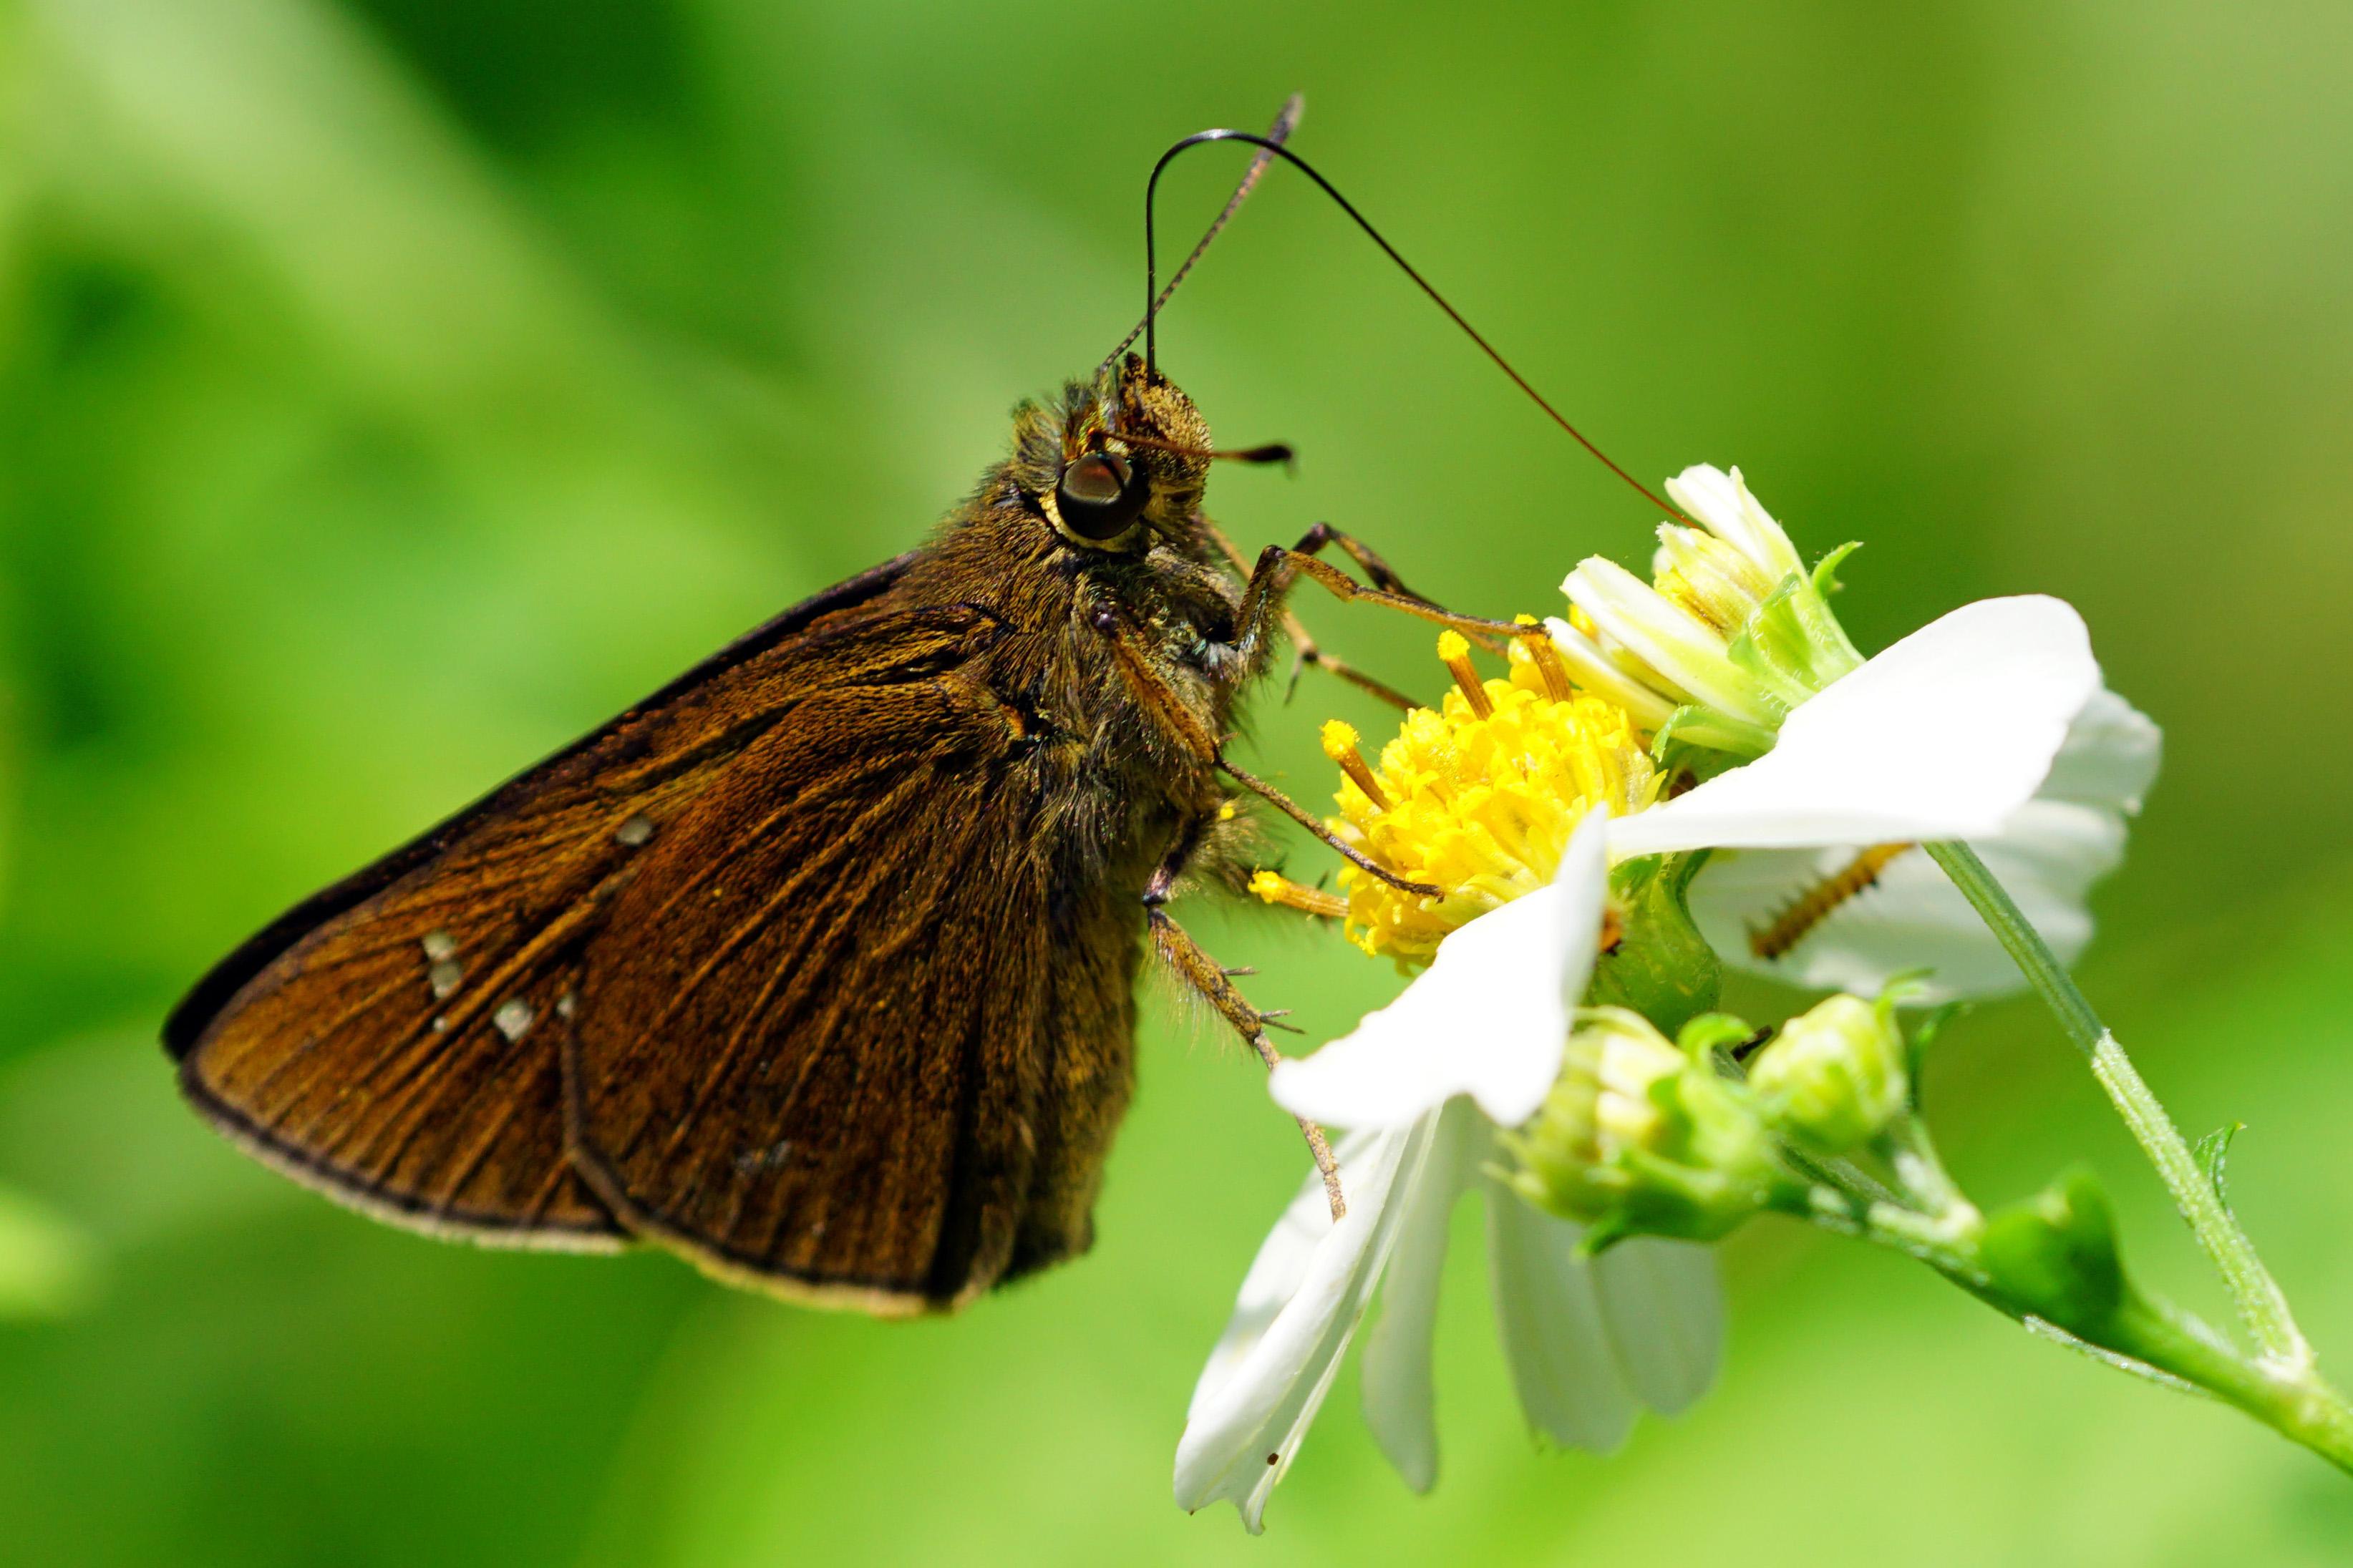 La farfalla che trasforma il cibo solido in liquido.